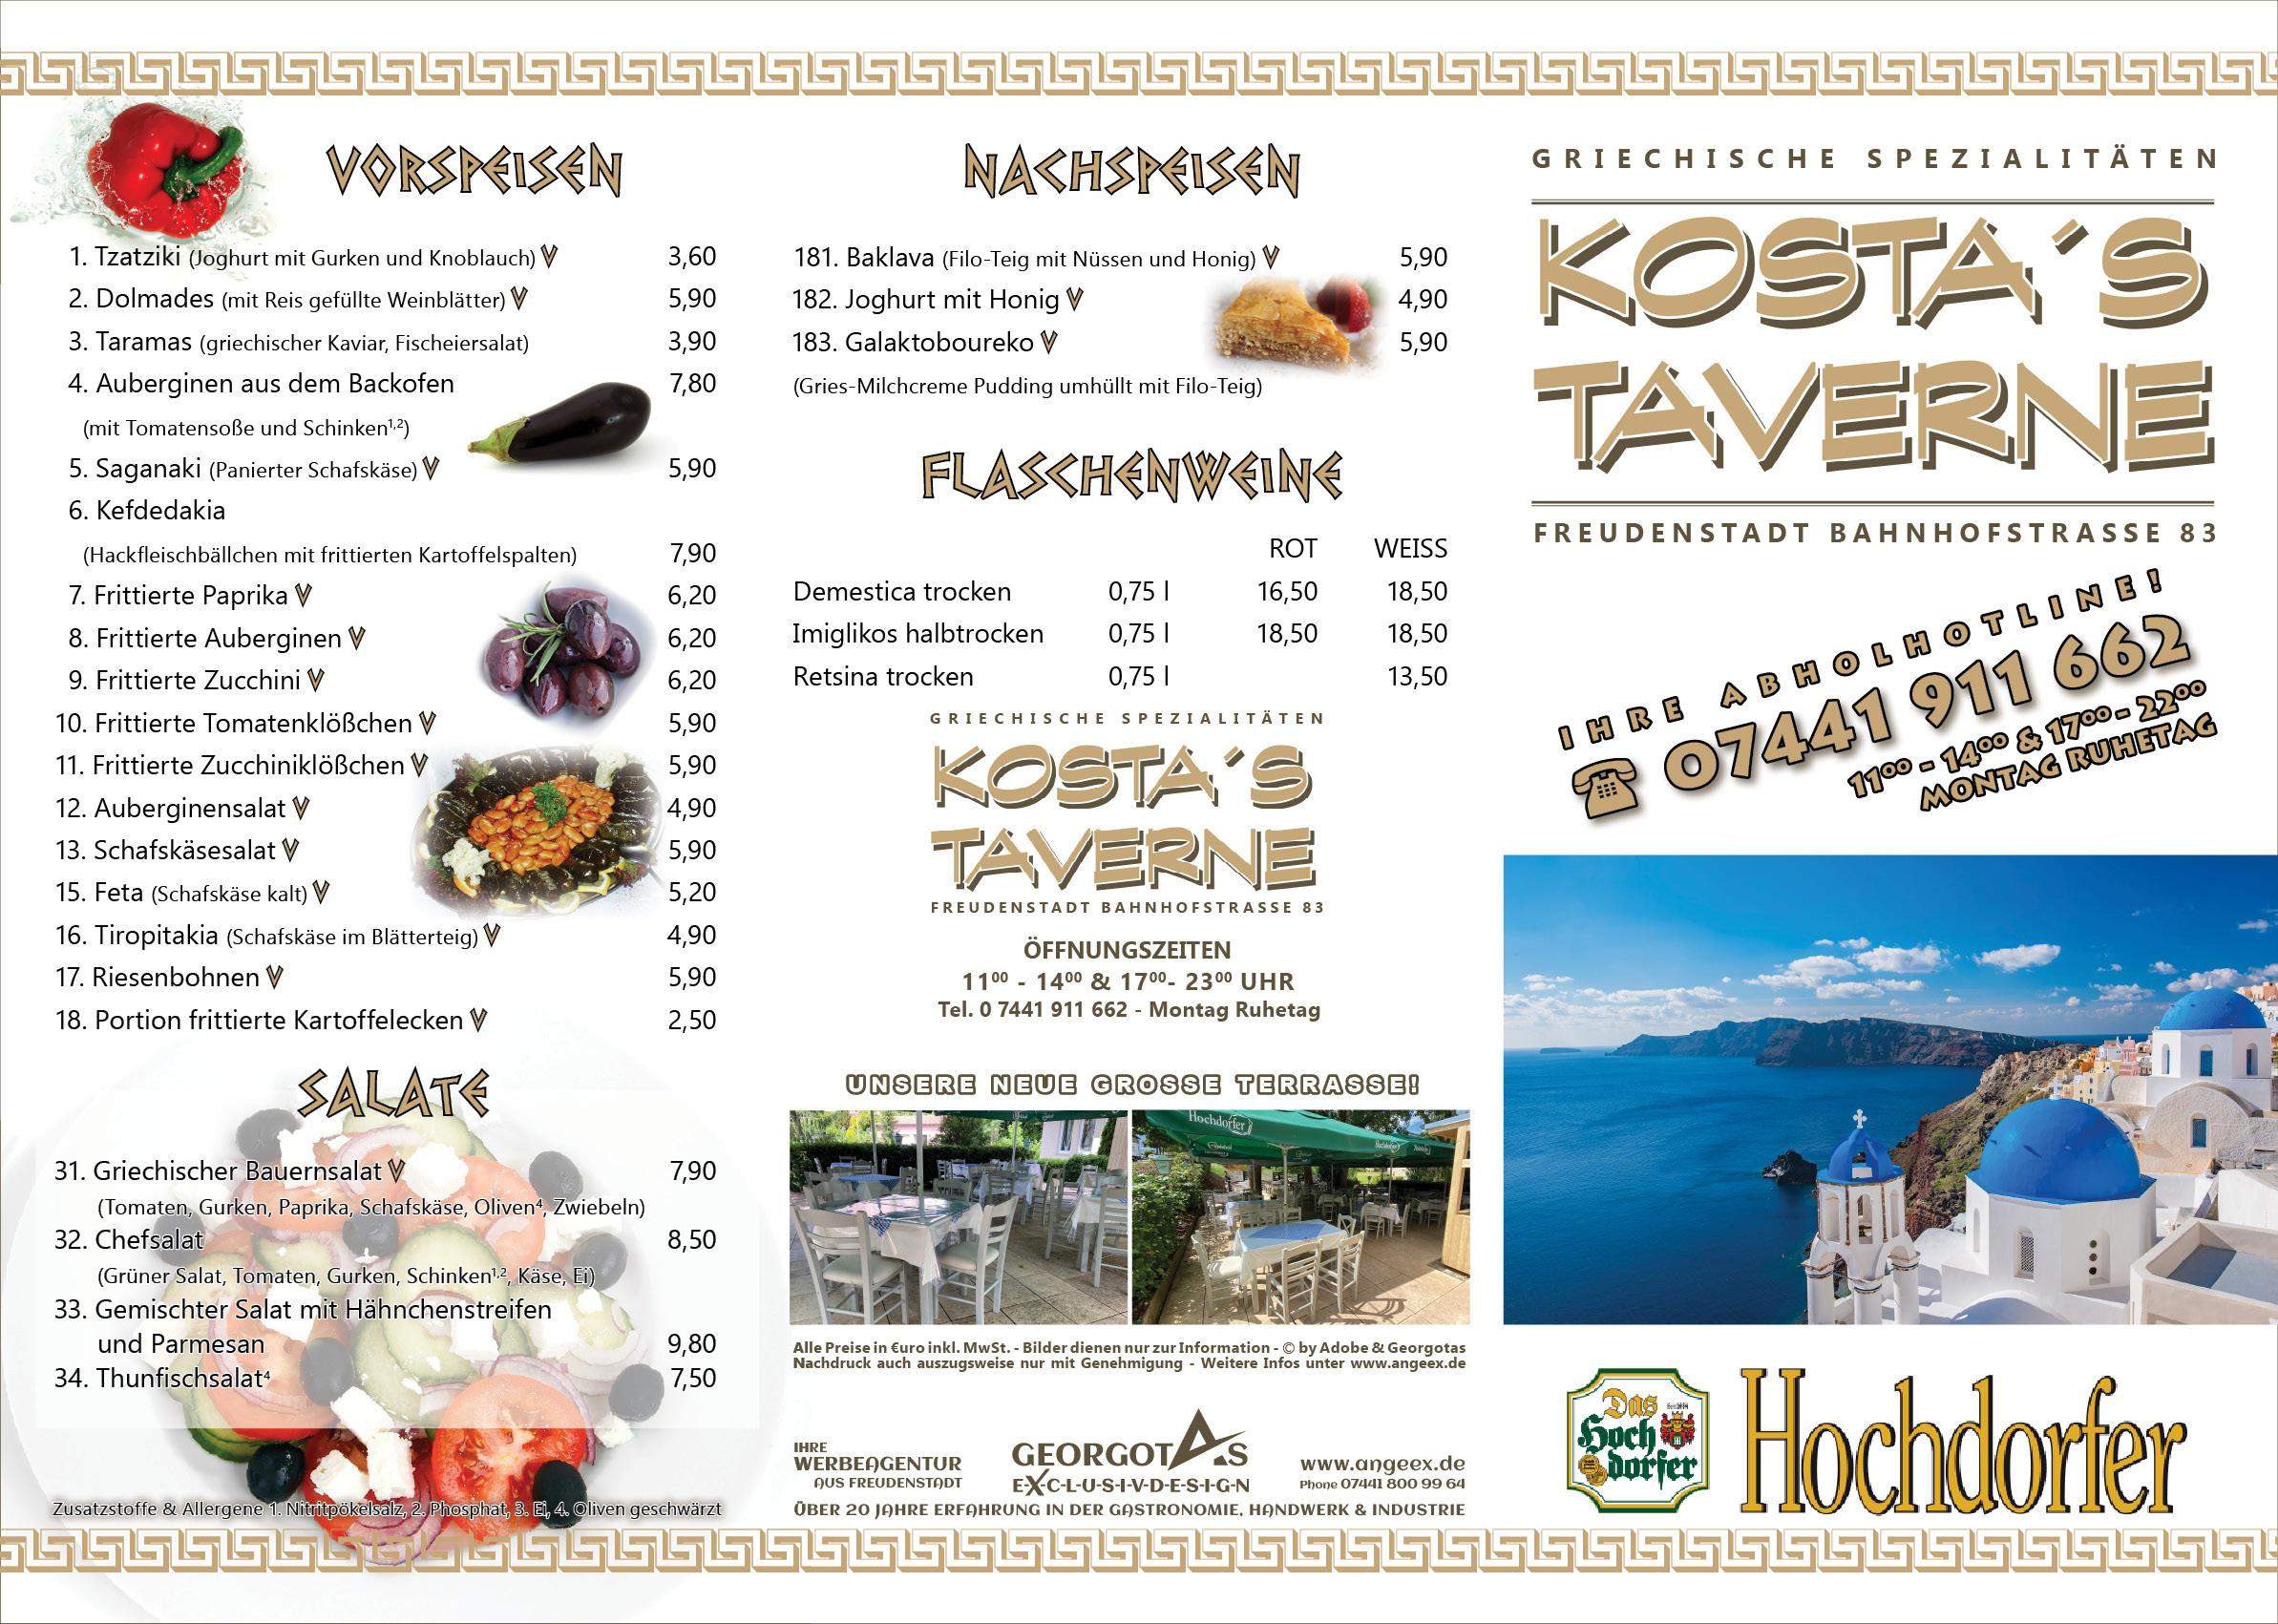 Kostas_Taverne_Flyer_092020_Aussen